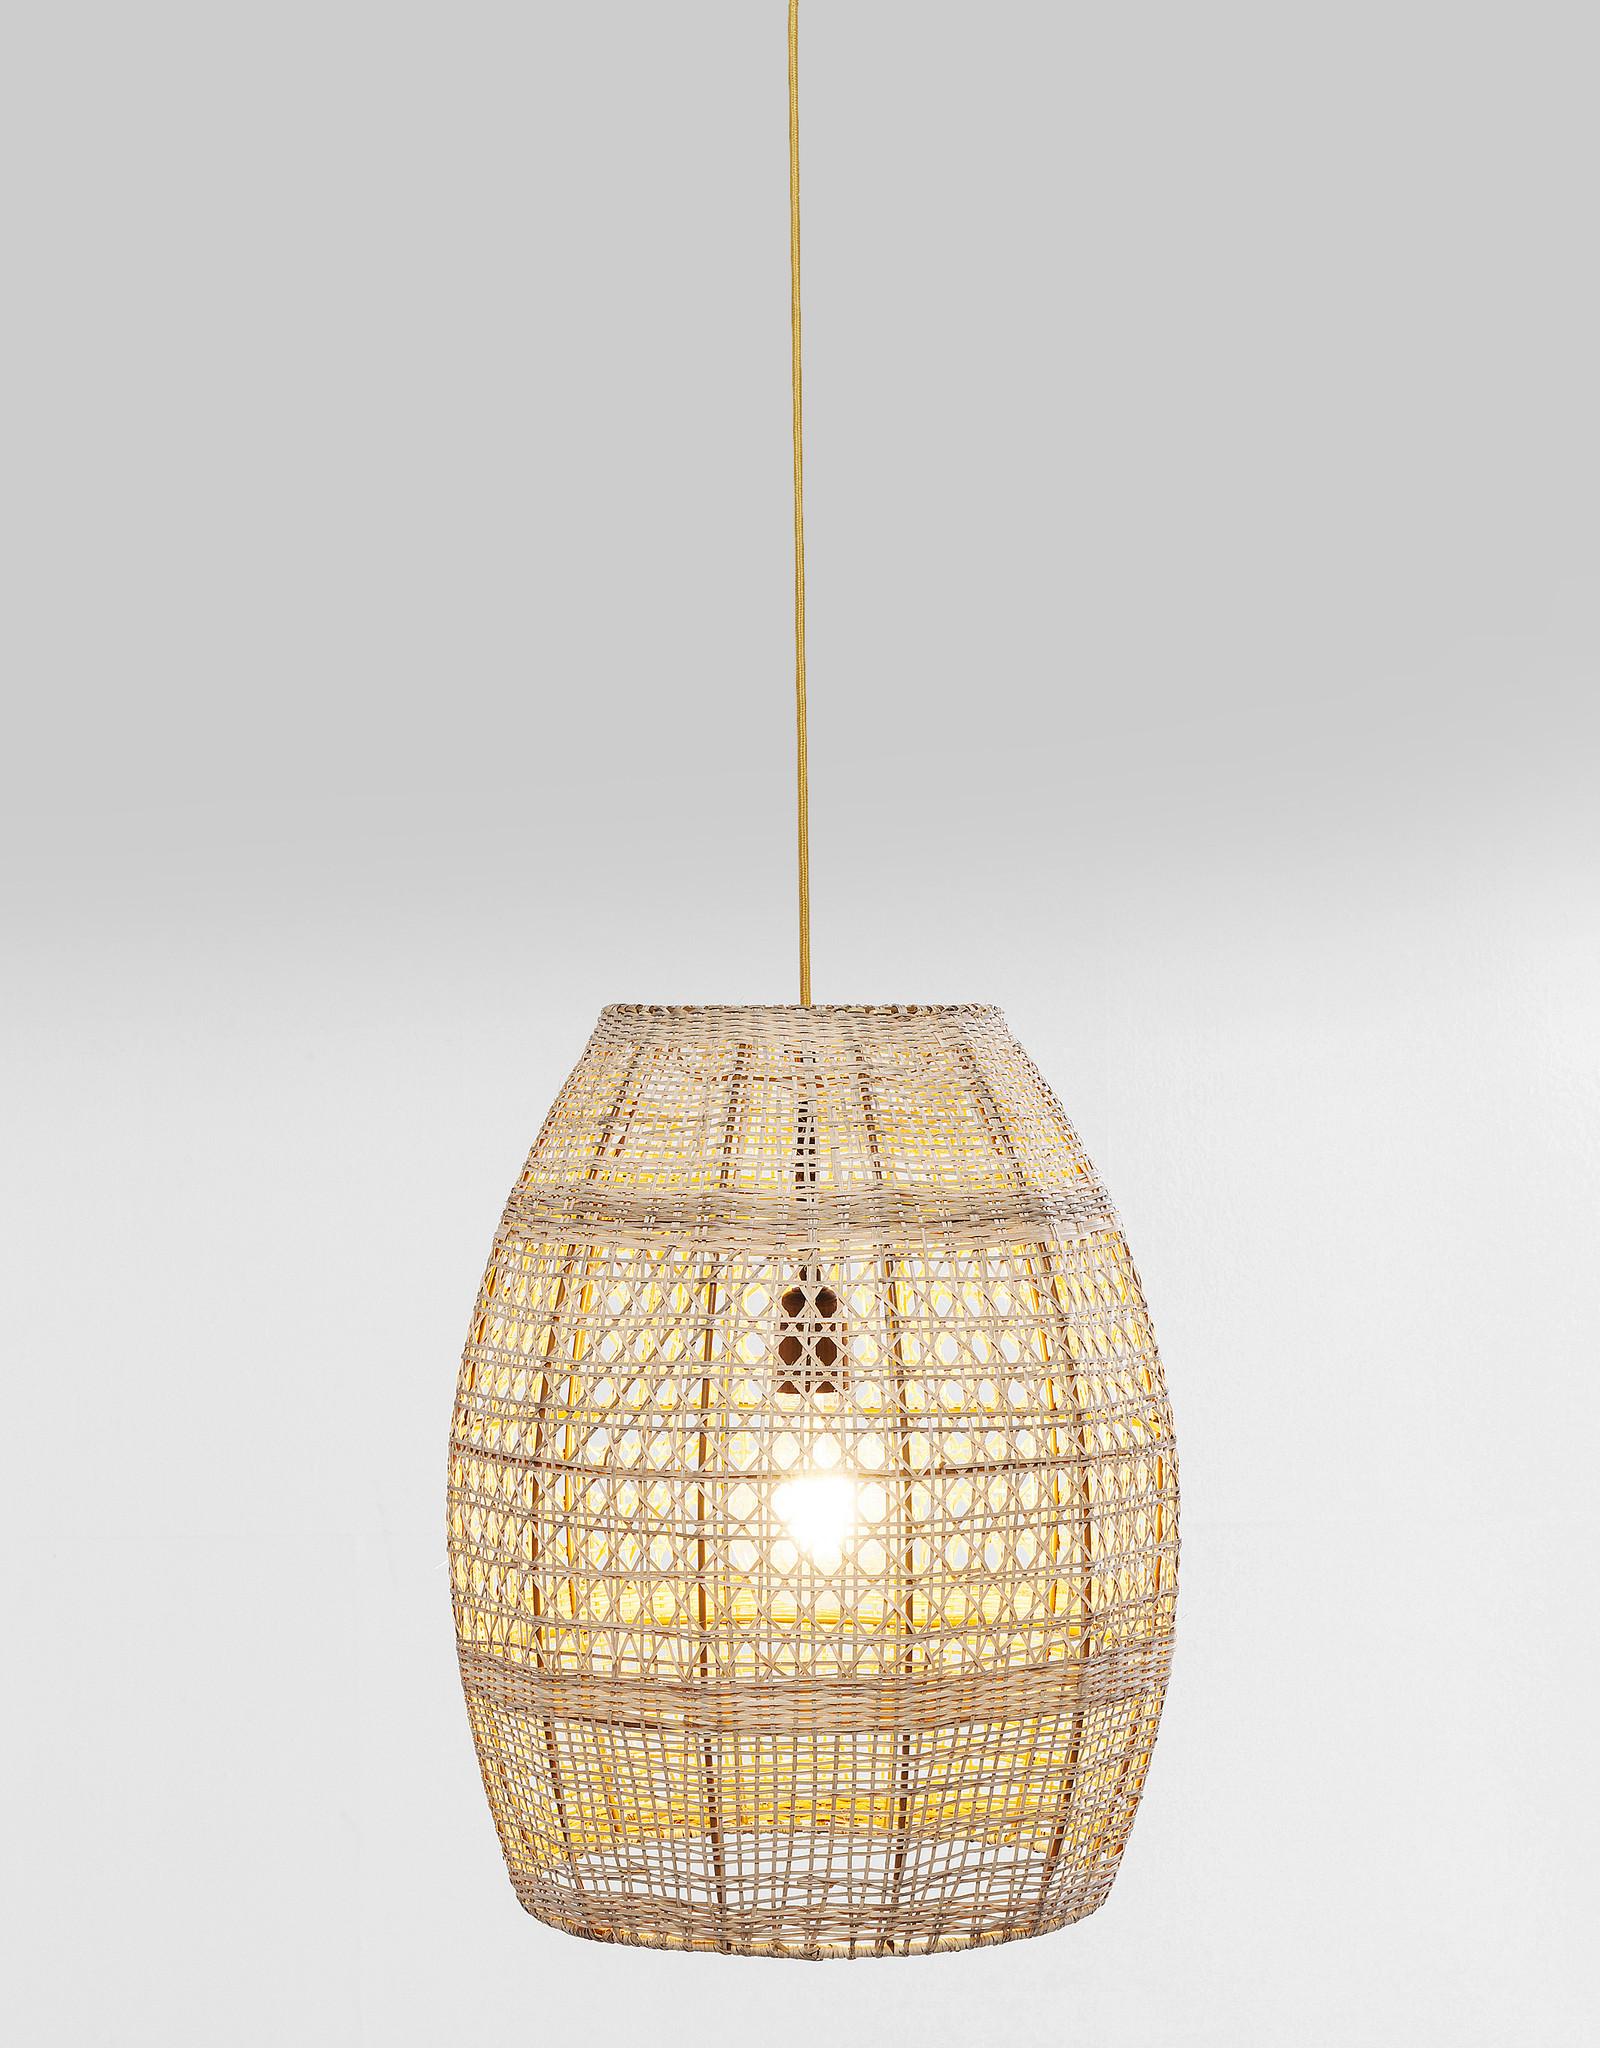 KARE DESIGN Hanging Lamp Kuntuk Mesh